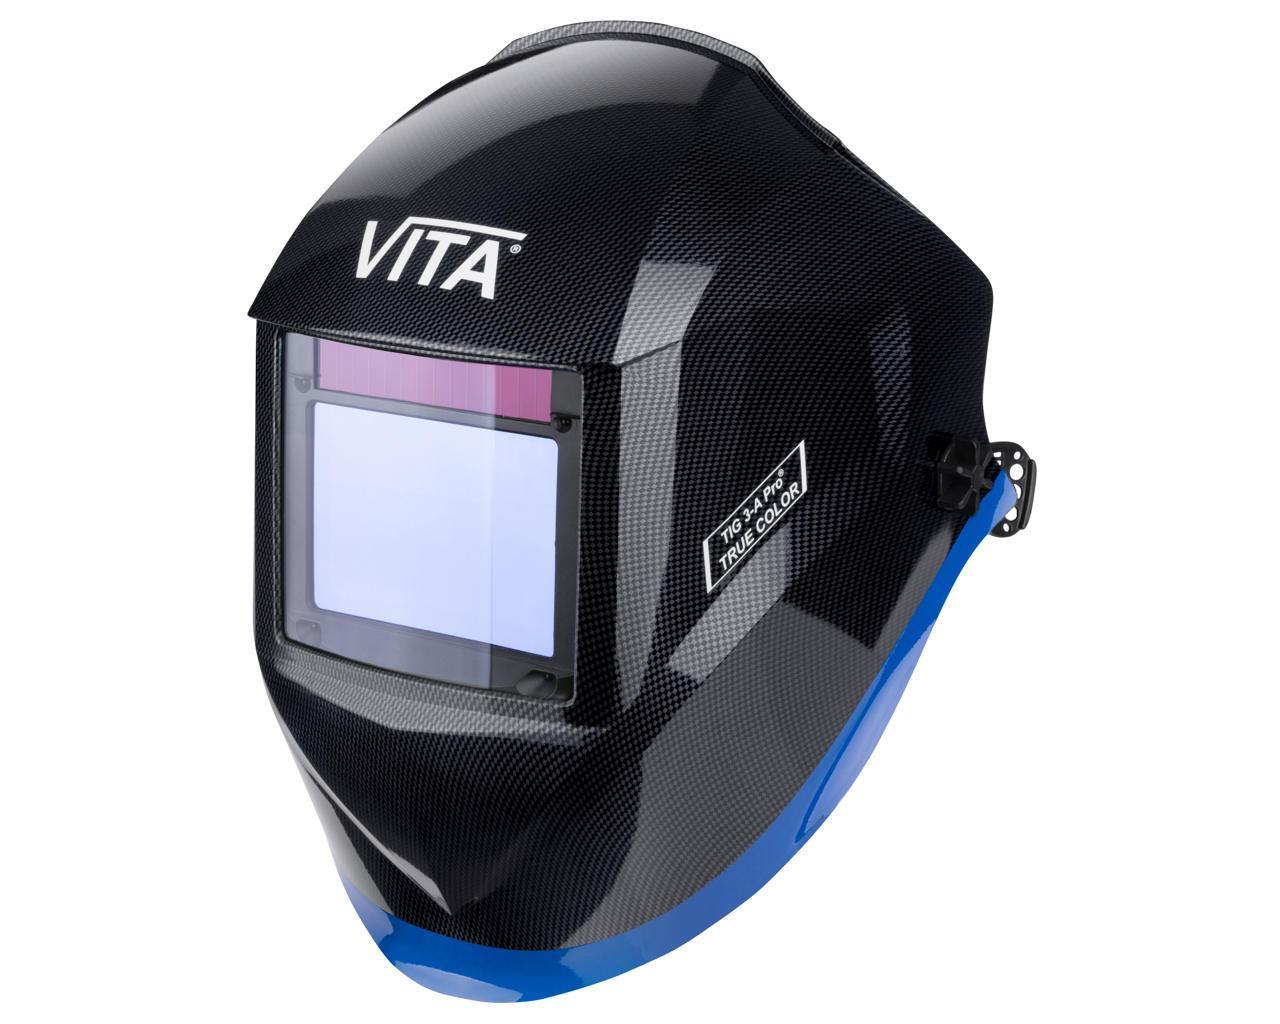 Сварочная маска VITA TIG 3-A Pro TrueColor